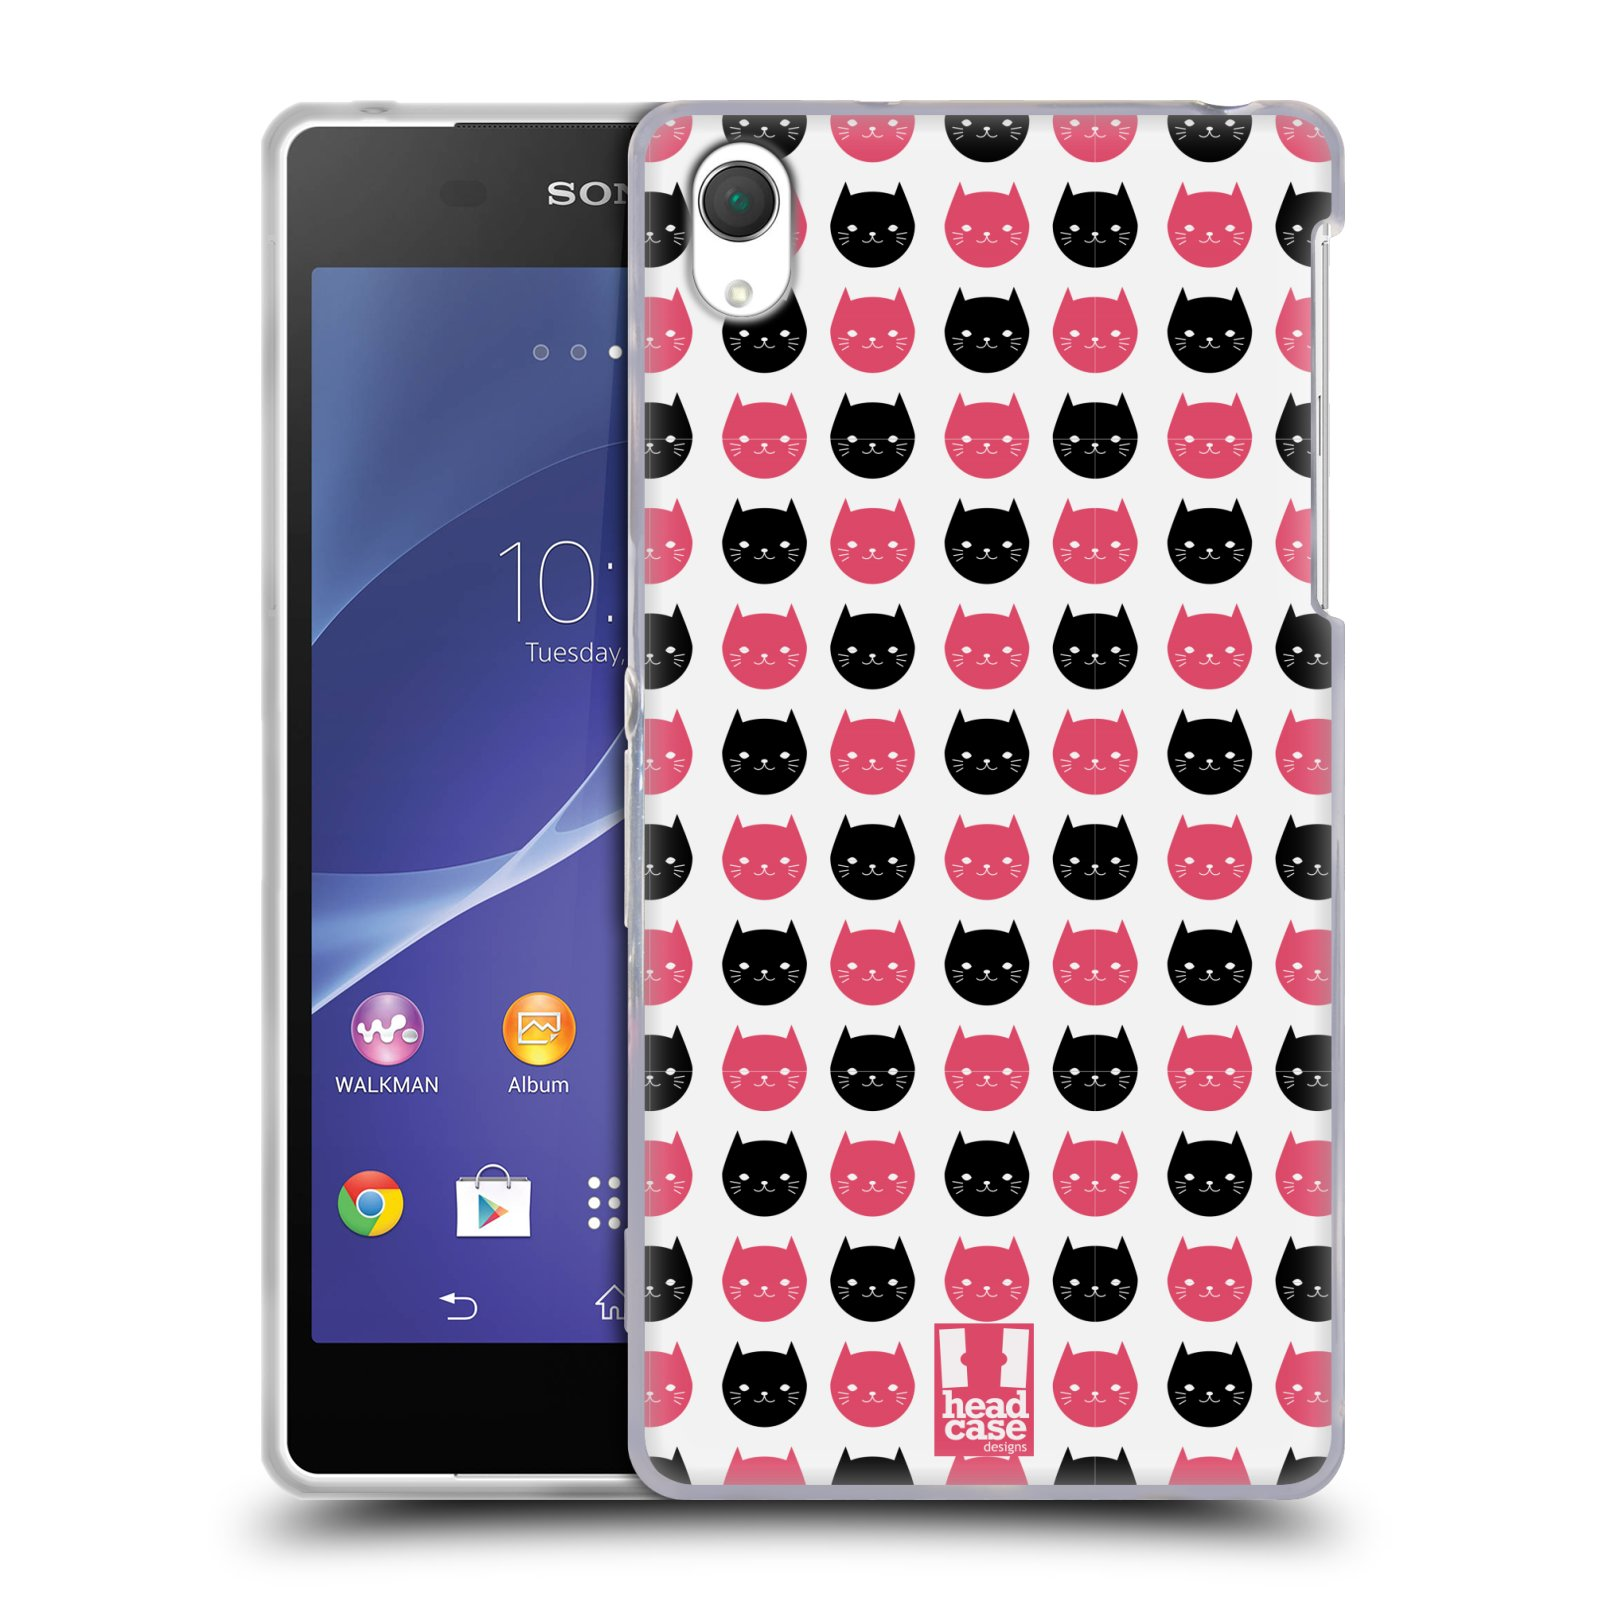 Silikonové pouzdro na mobil Sony Xperia Z2 D6503 HEAD CASE KOČKY Black and Pink (Silikonový kryt či obal na mobilní telefon Sony Xperia Z2)